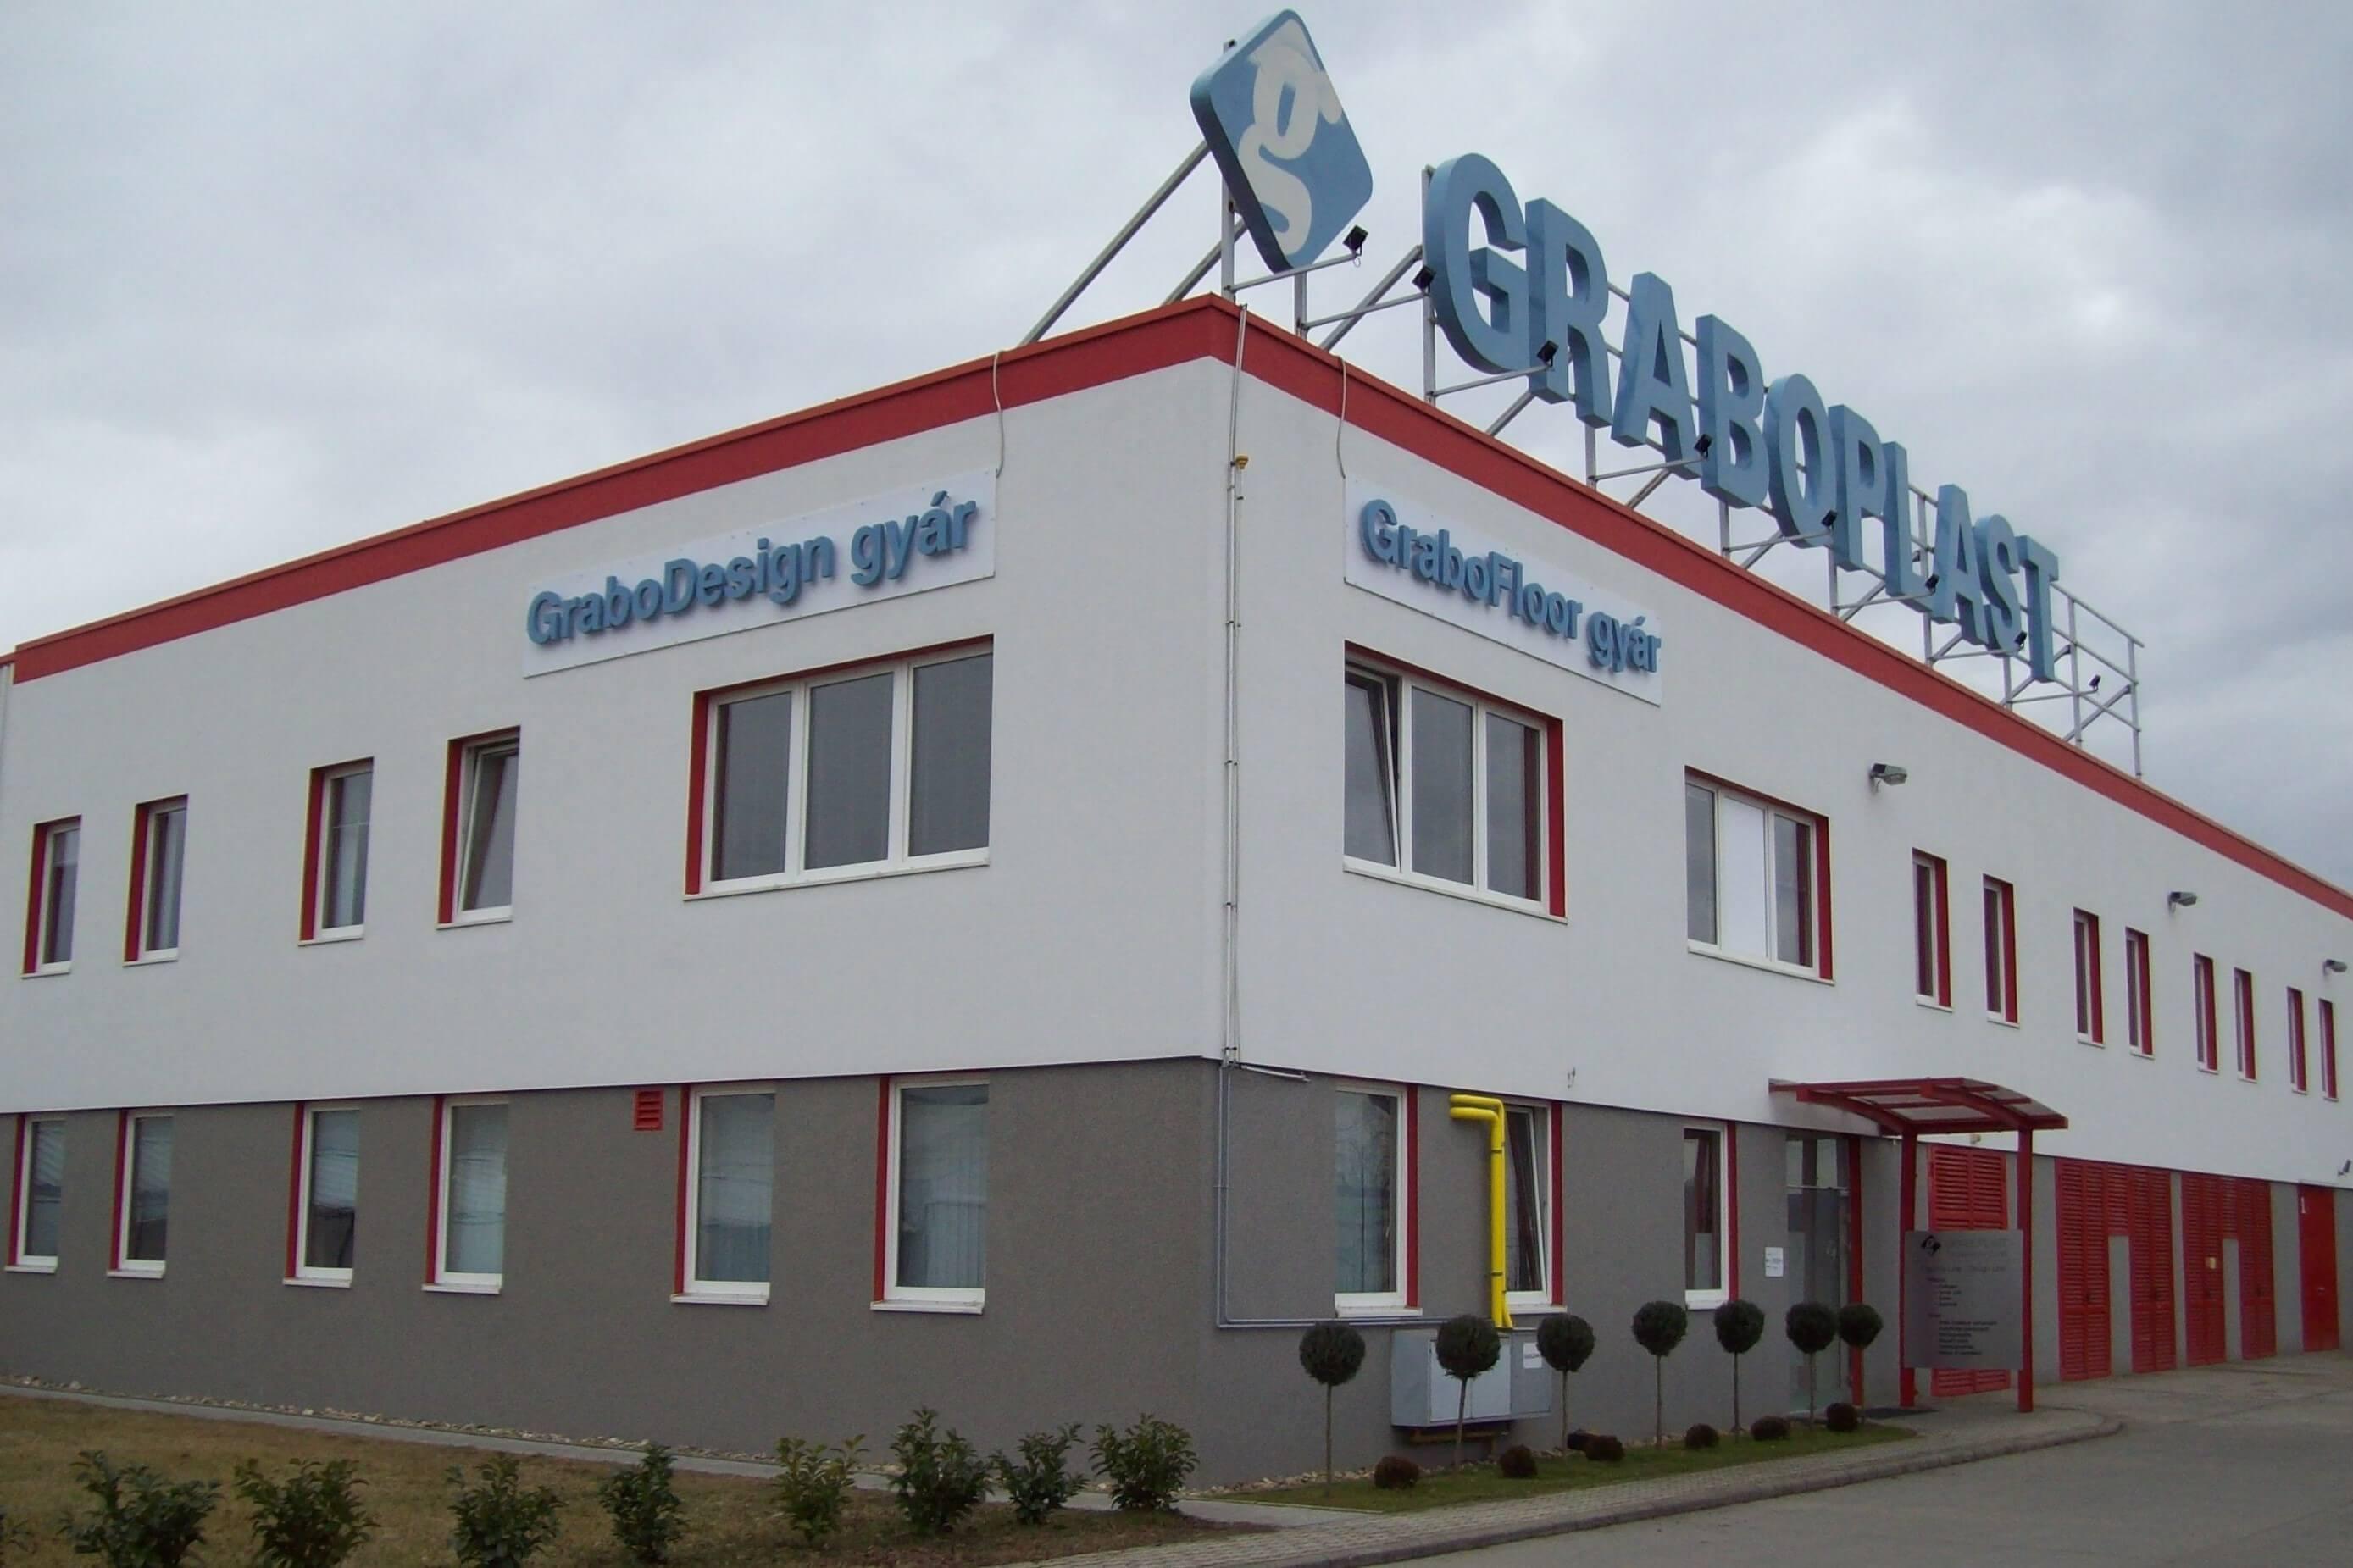 Új raktárat épített a Graboplast Tatabányán